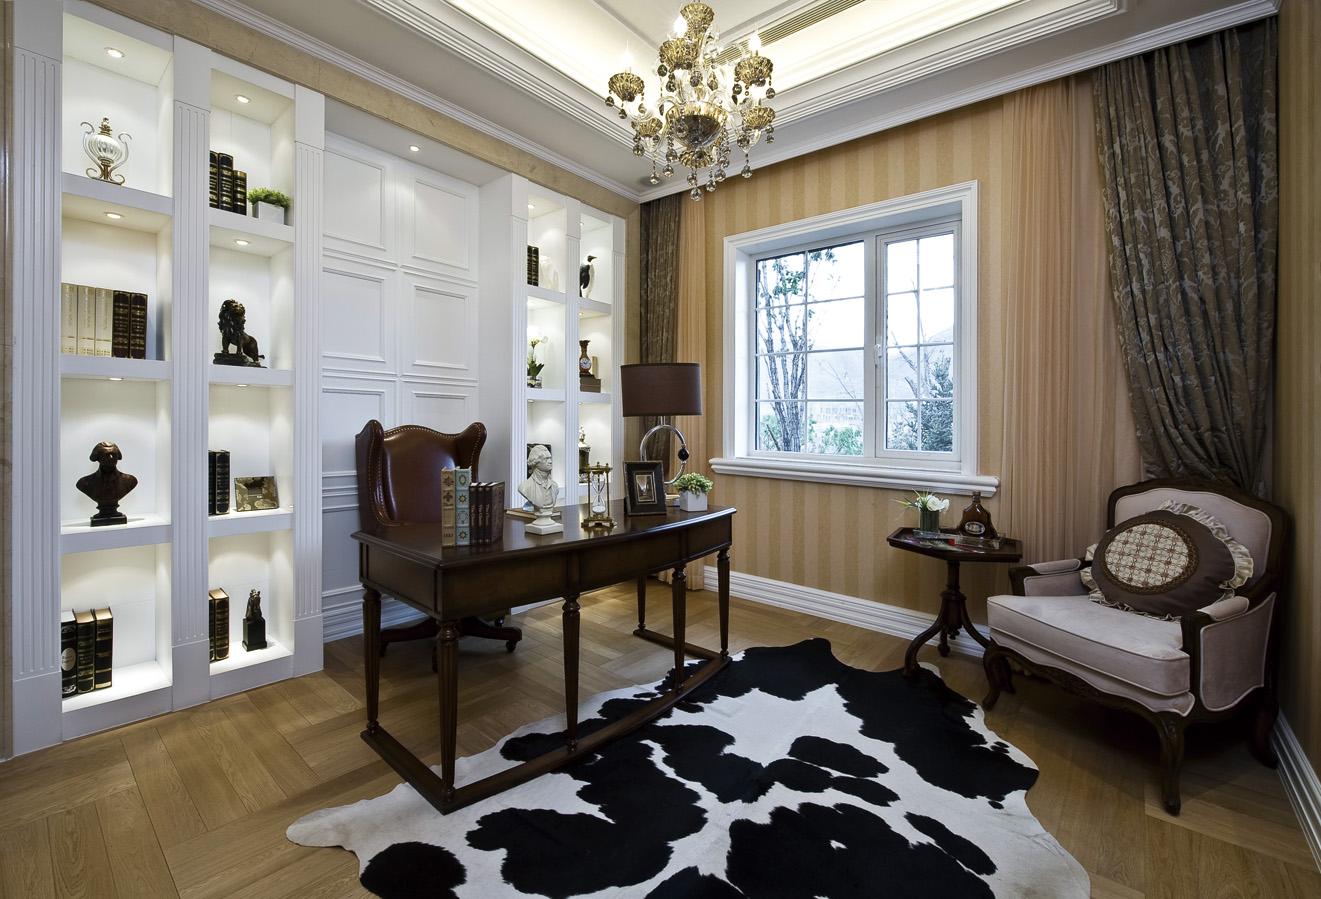 现代 美式 混搭 四居室 书房图片来自朗润装饰工程有限公司在中海城南华府 奢华现代美式的分享